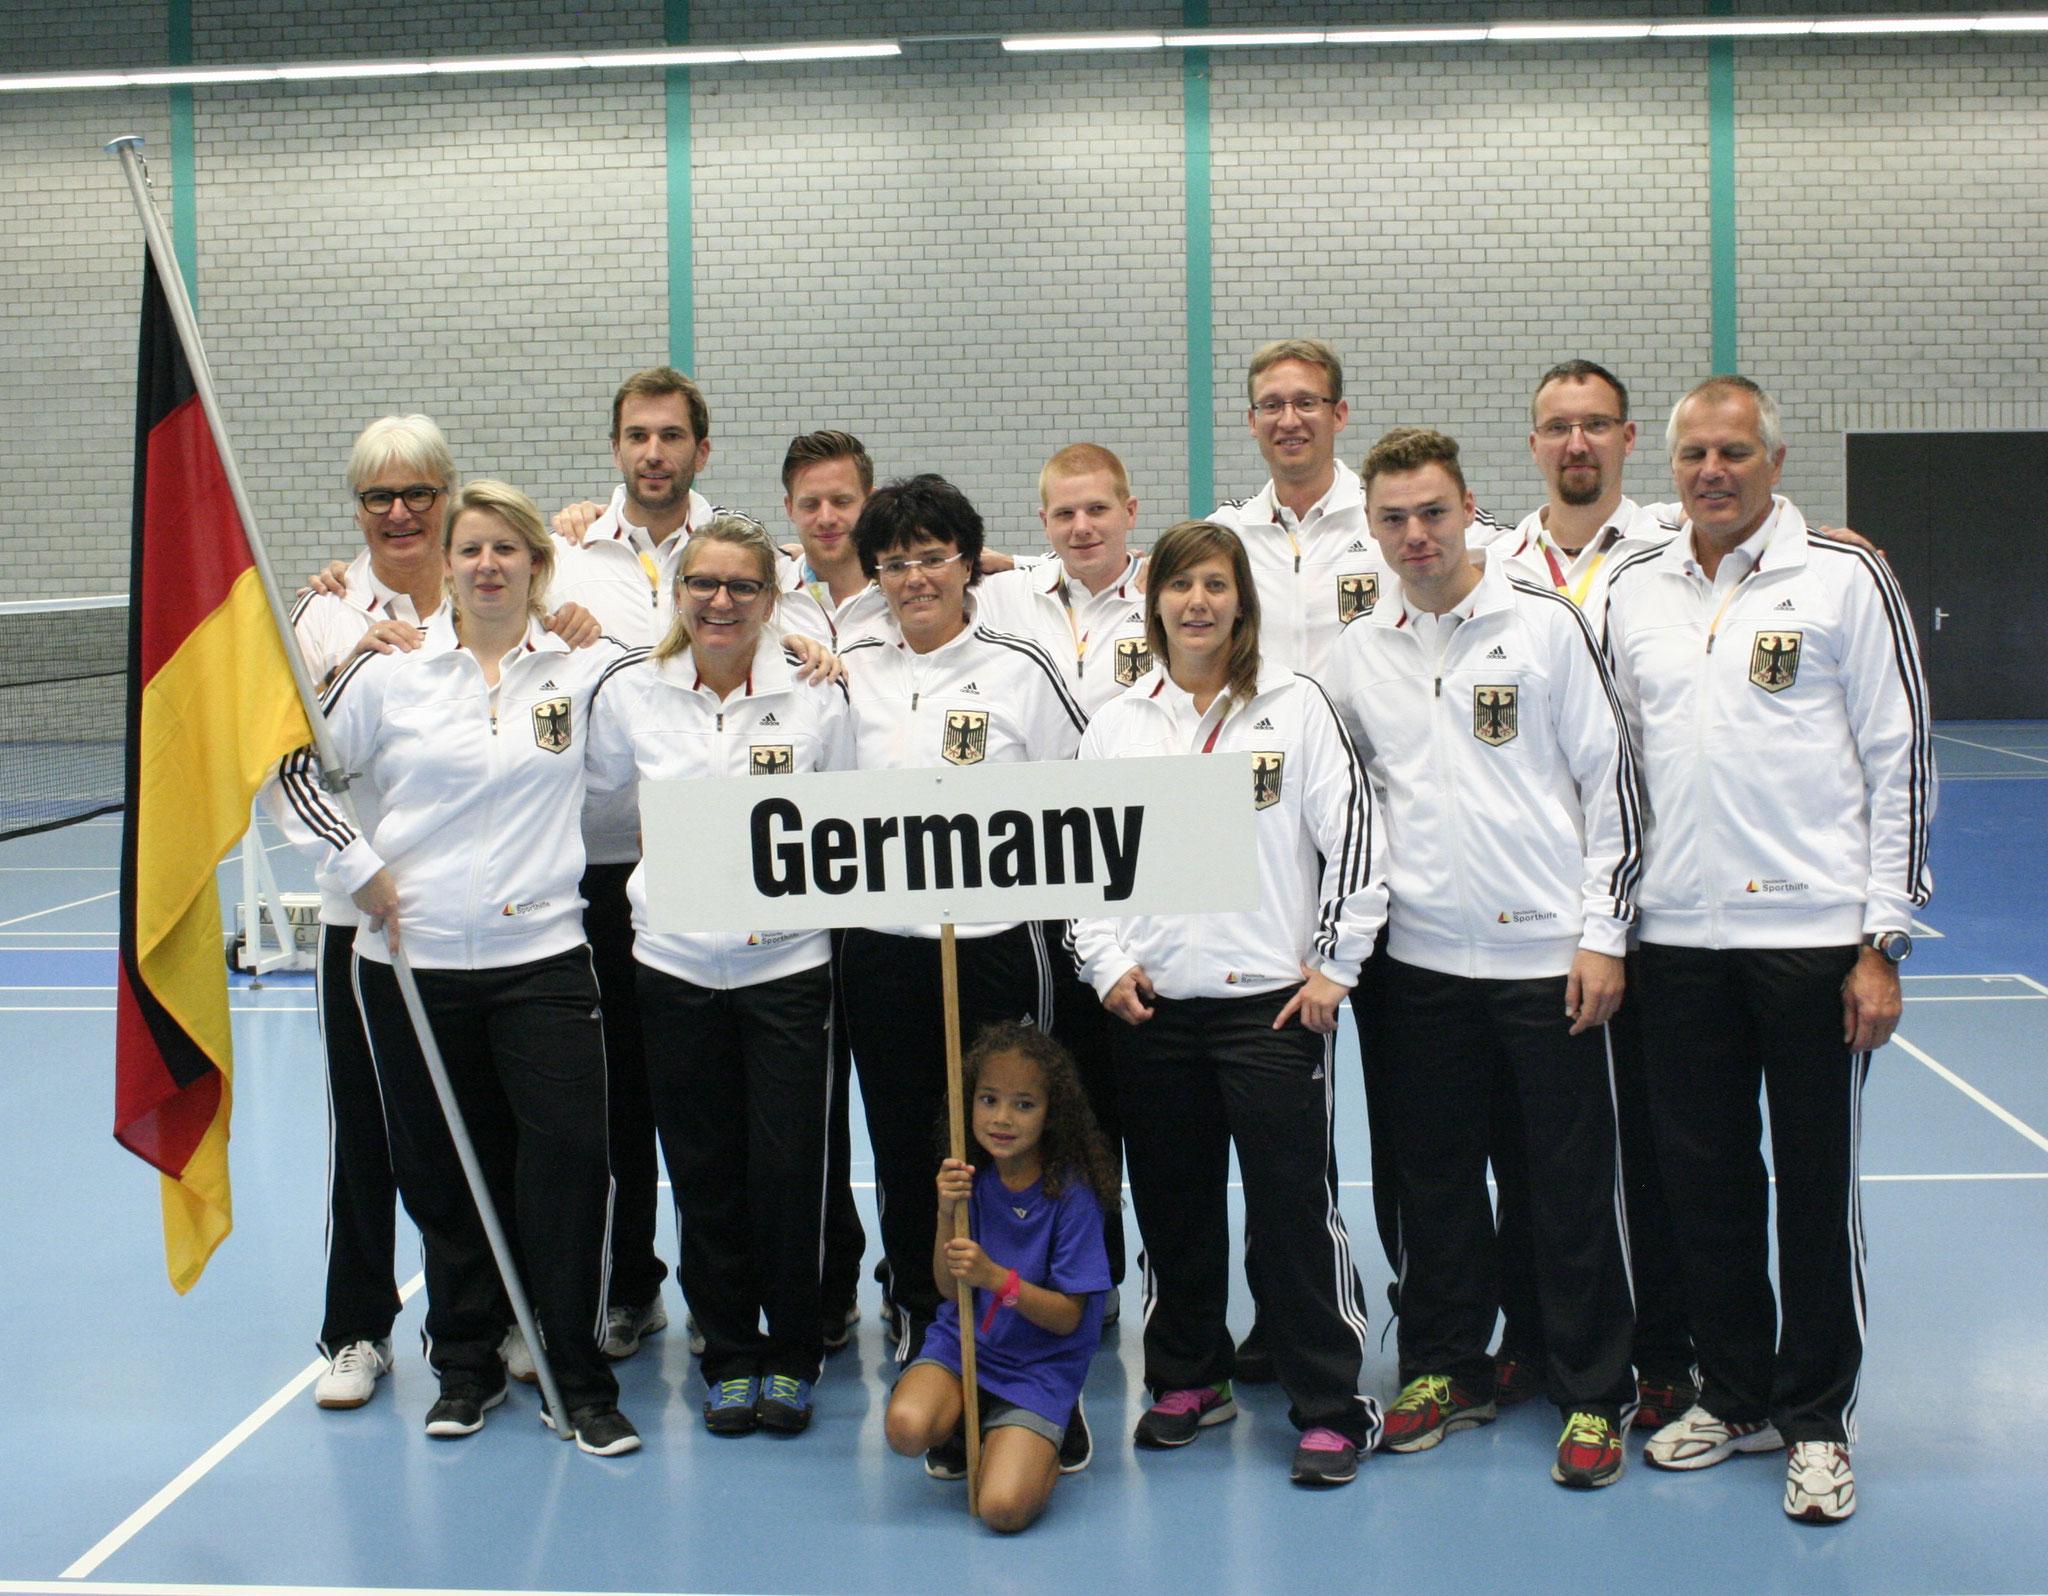 Das Deutsche Team vor der Eröffnungszeremonie